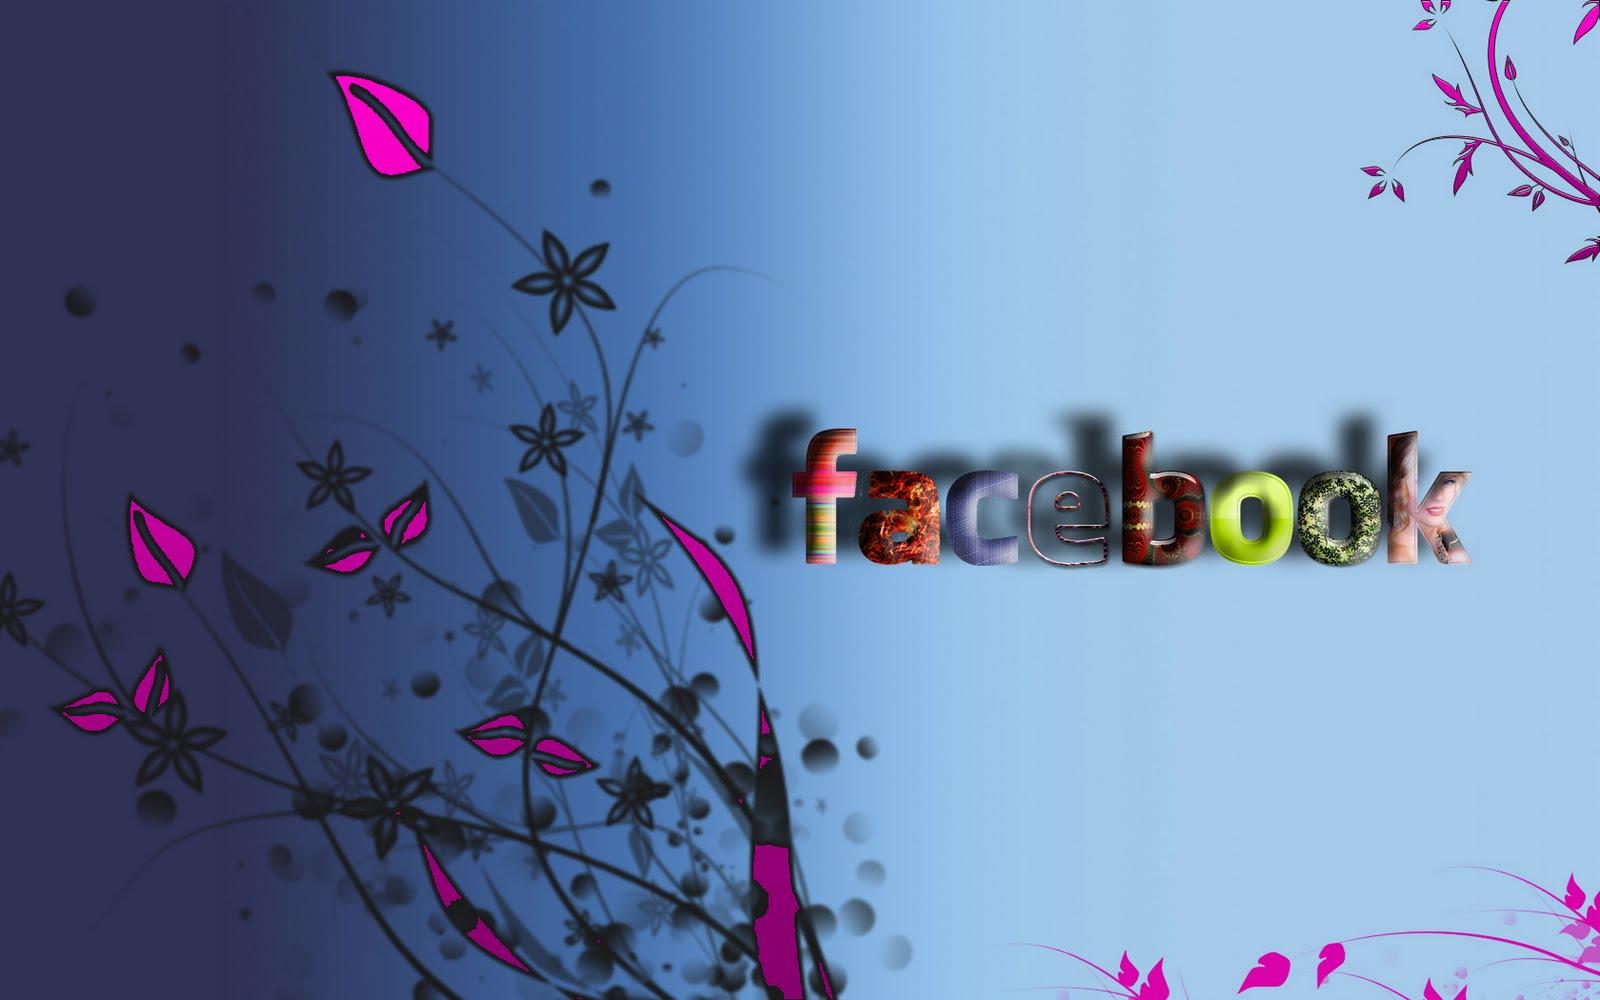 تحديثات جديدة وهامة من فيسبوك..ما هي؟